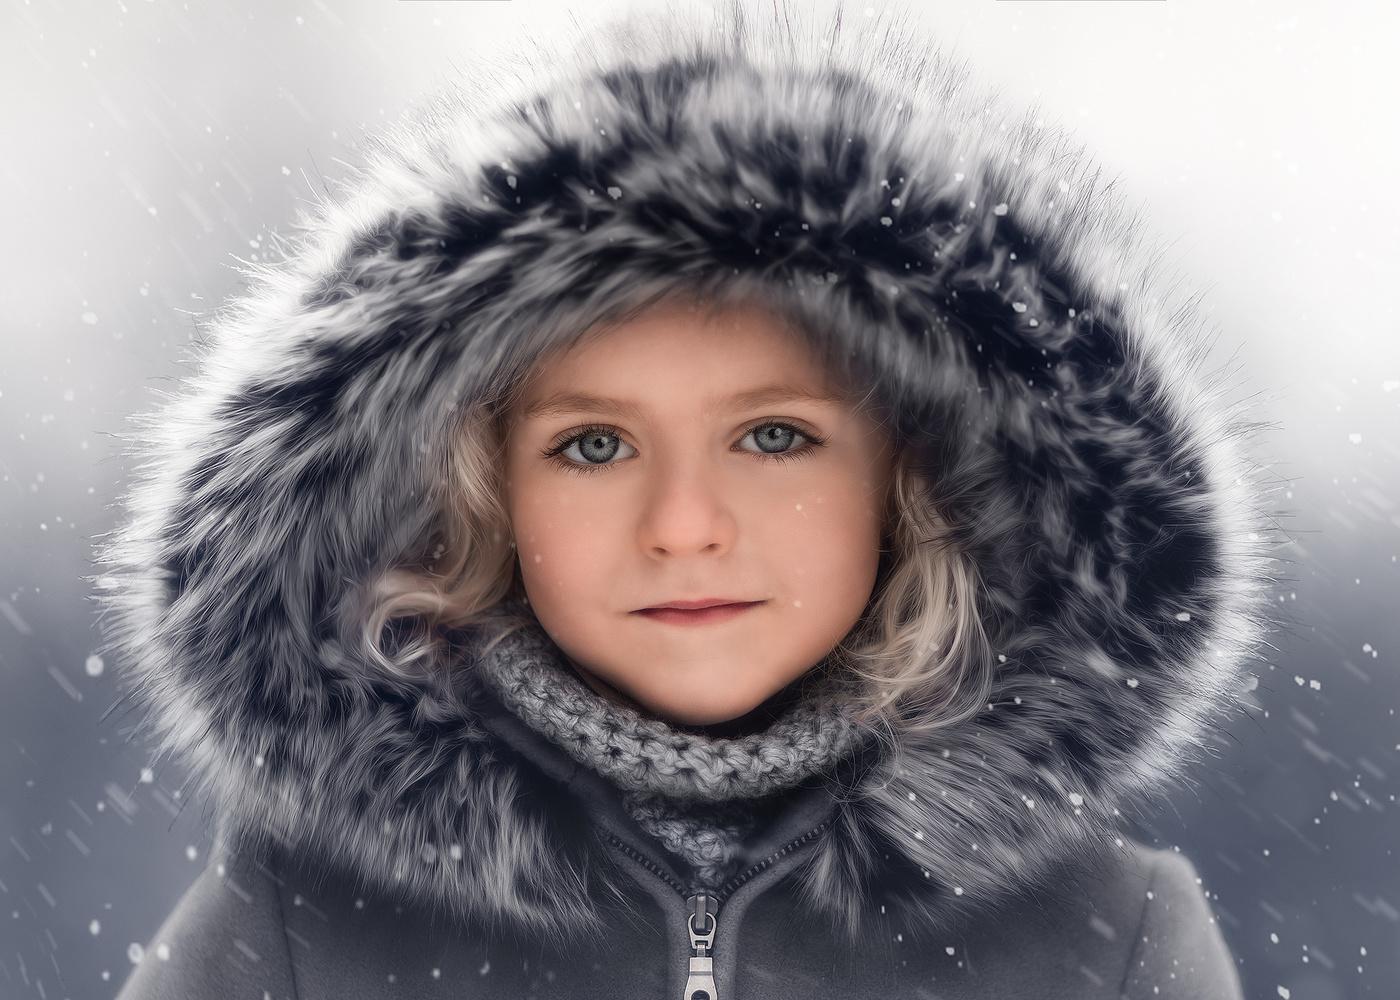 Winter Dream by Daniel Venter